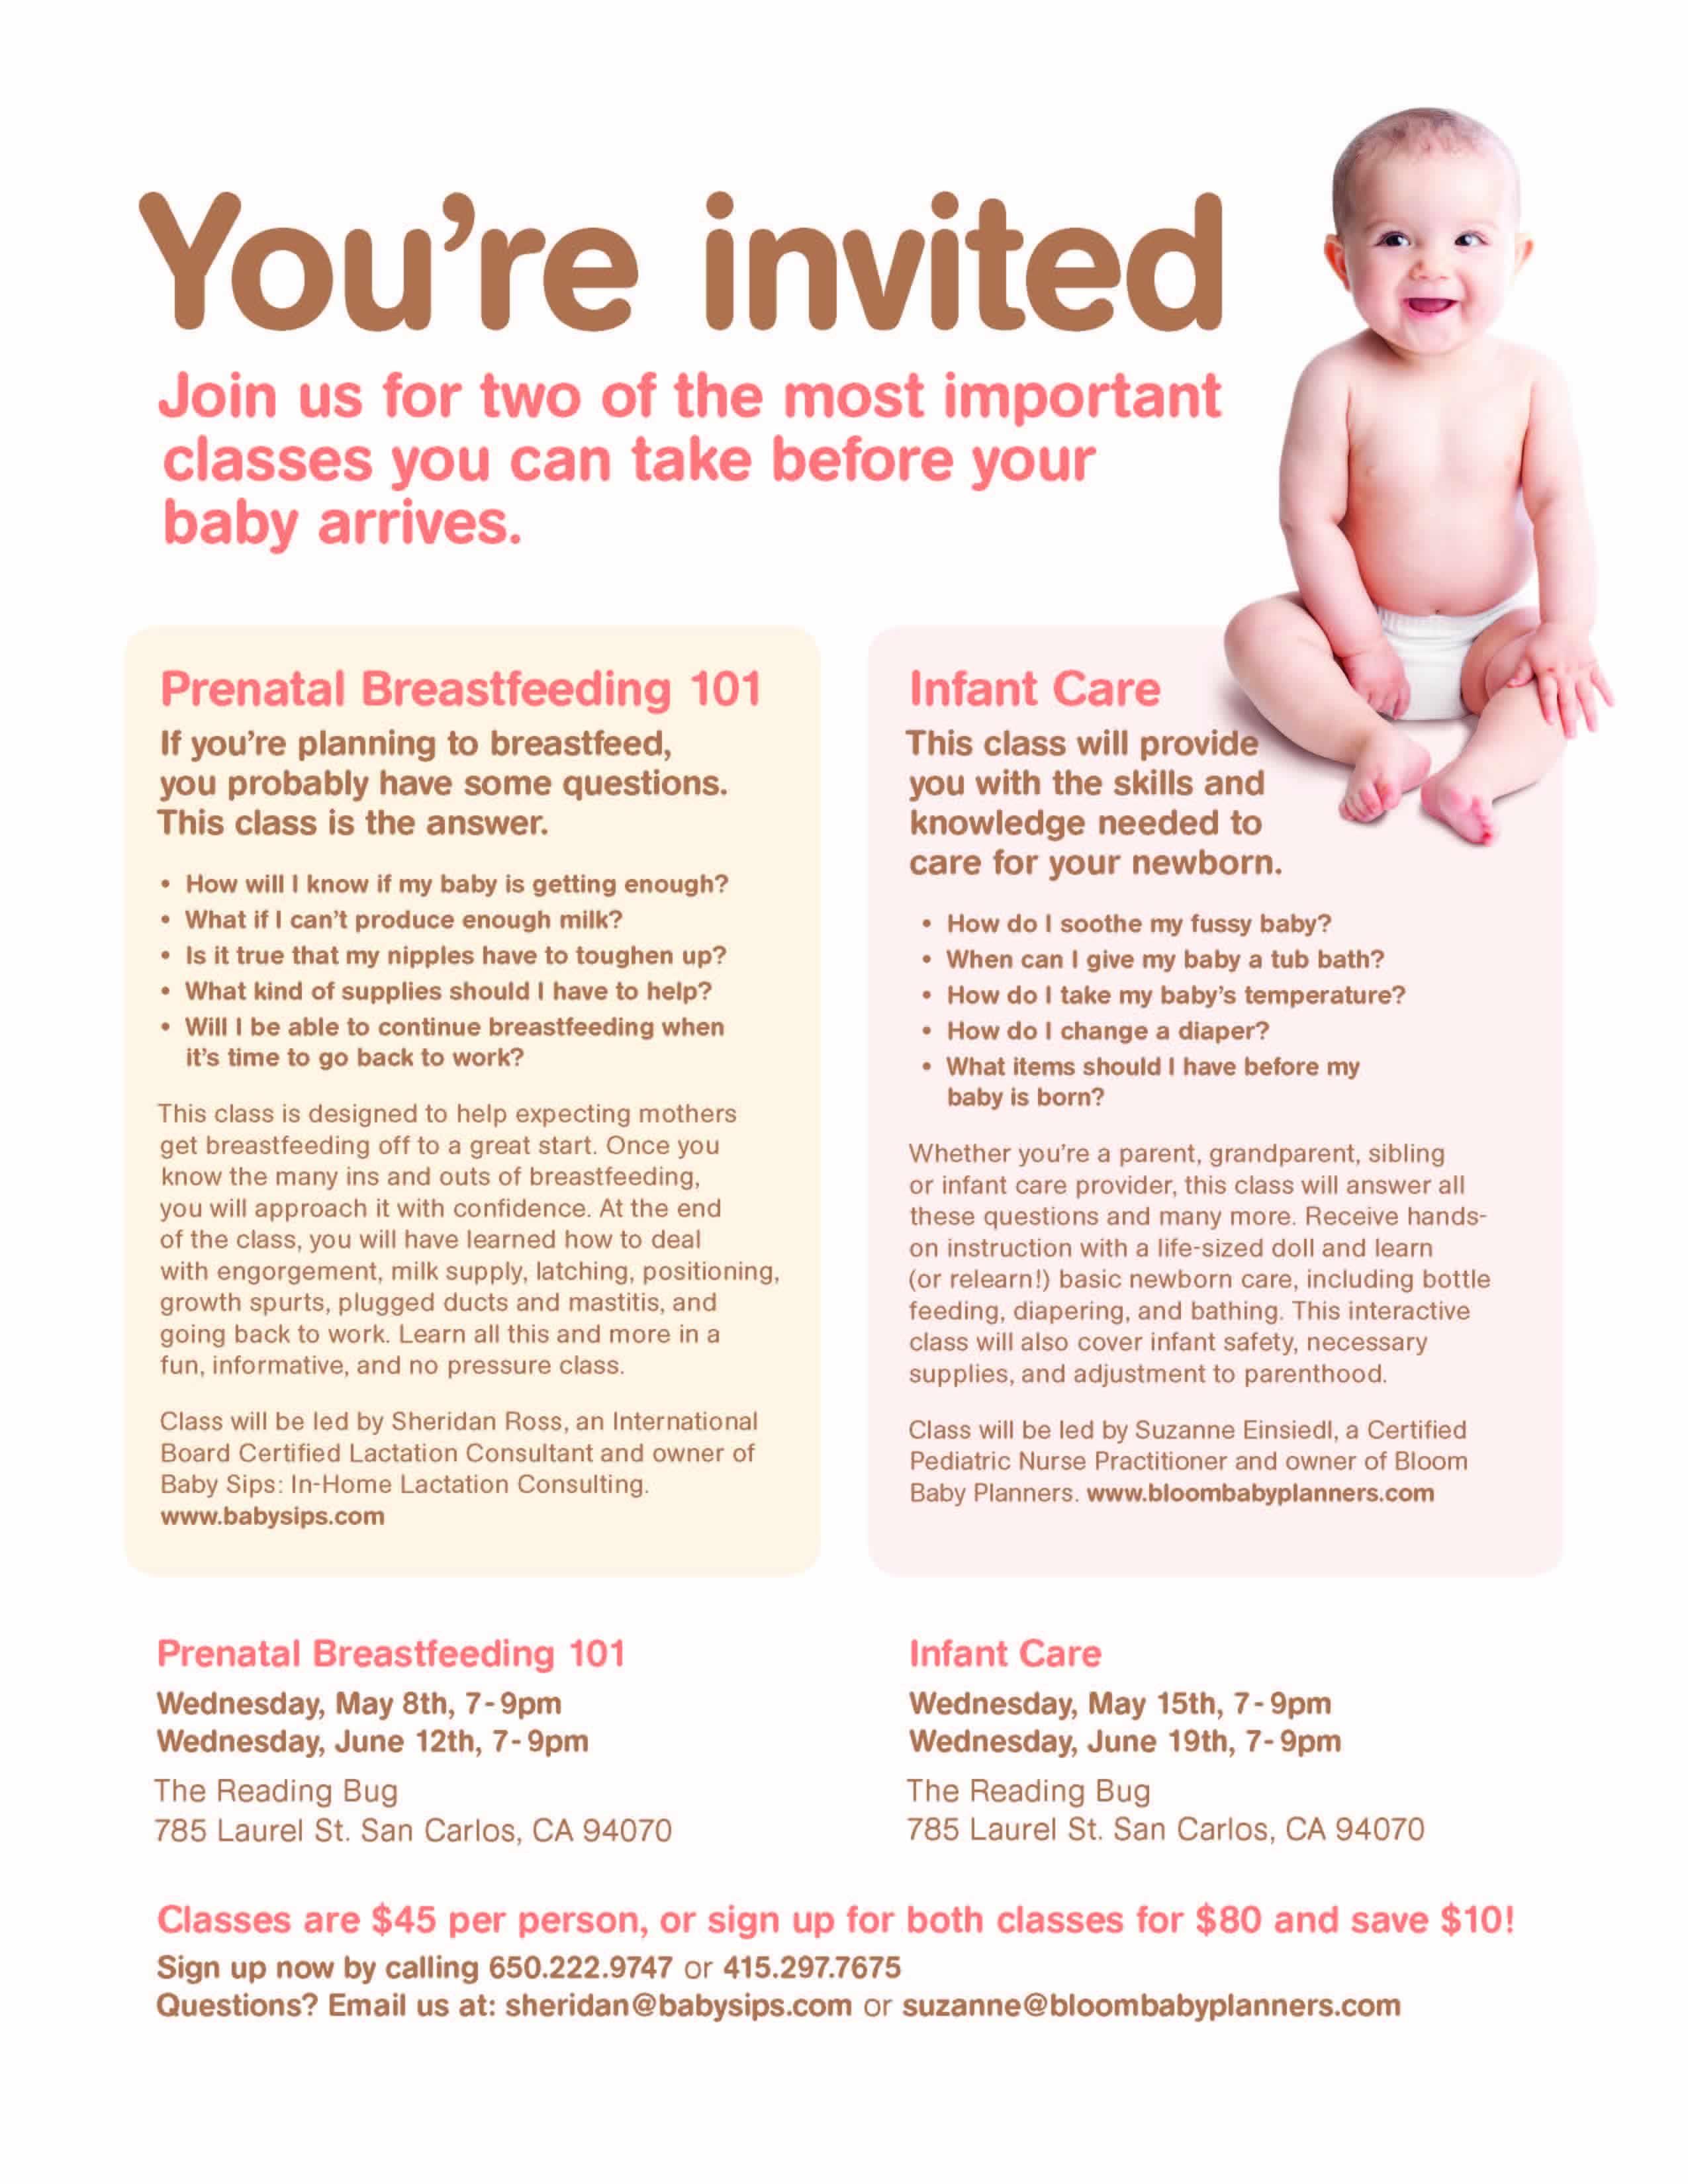 Prenatal Breastfeeding 101 & Infant Care